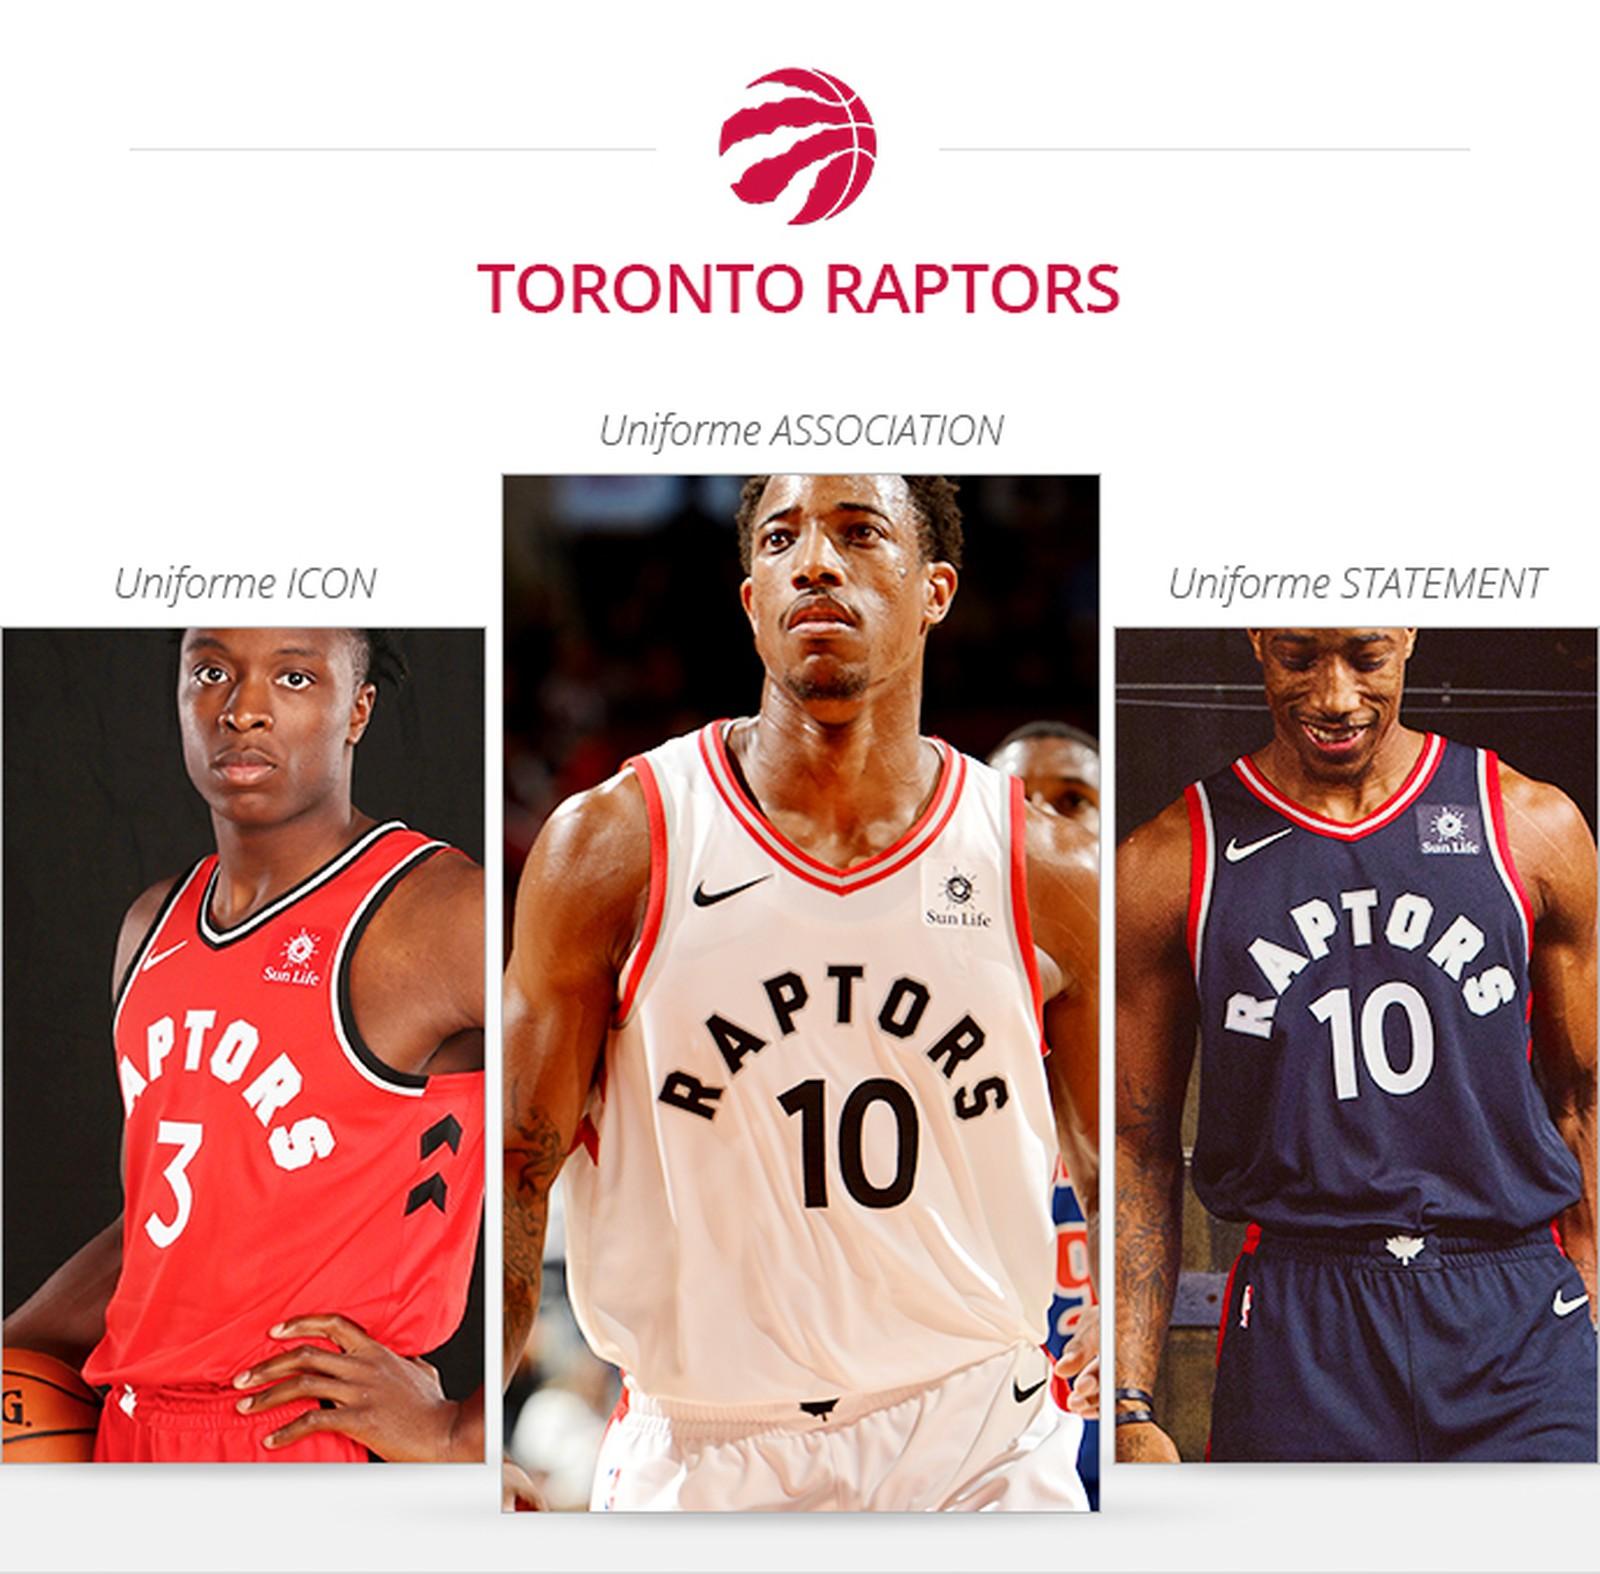 Uniformes Toronto Raptors saison 2017/18